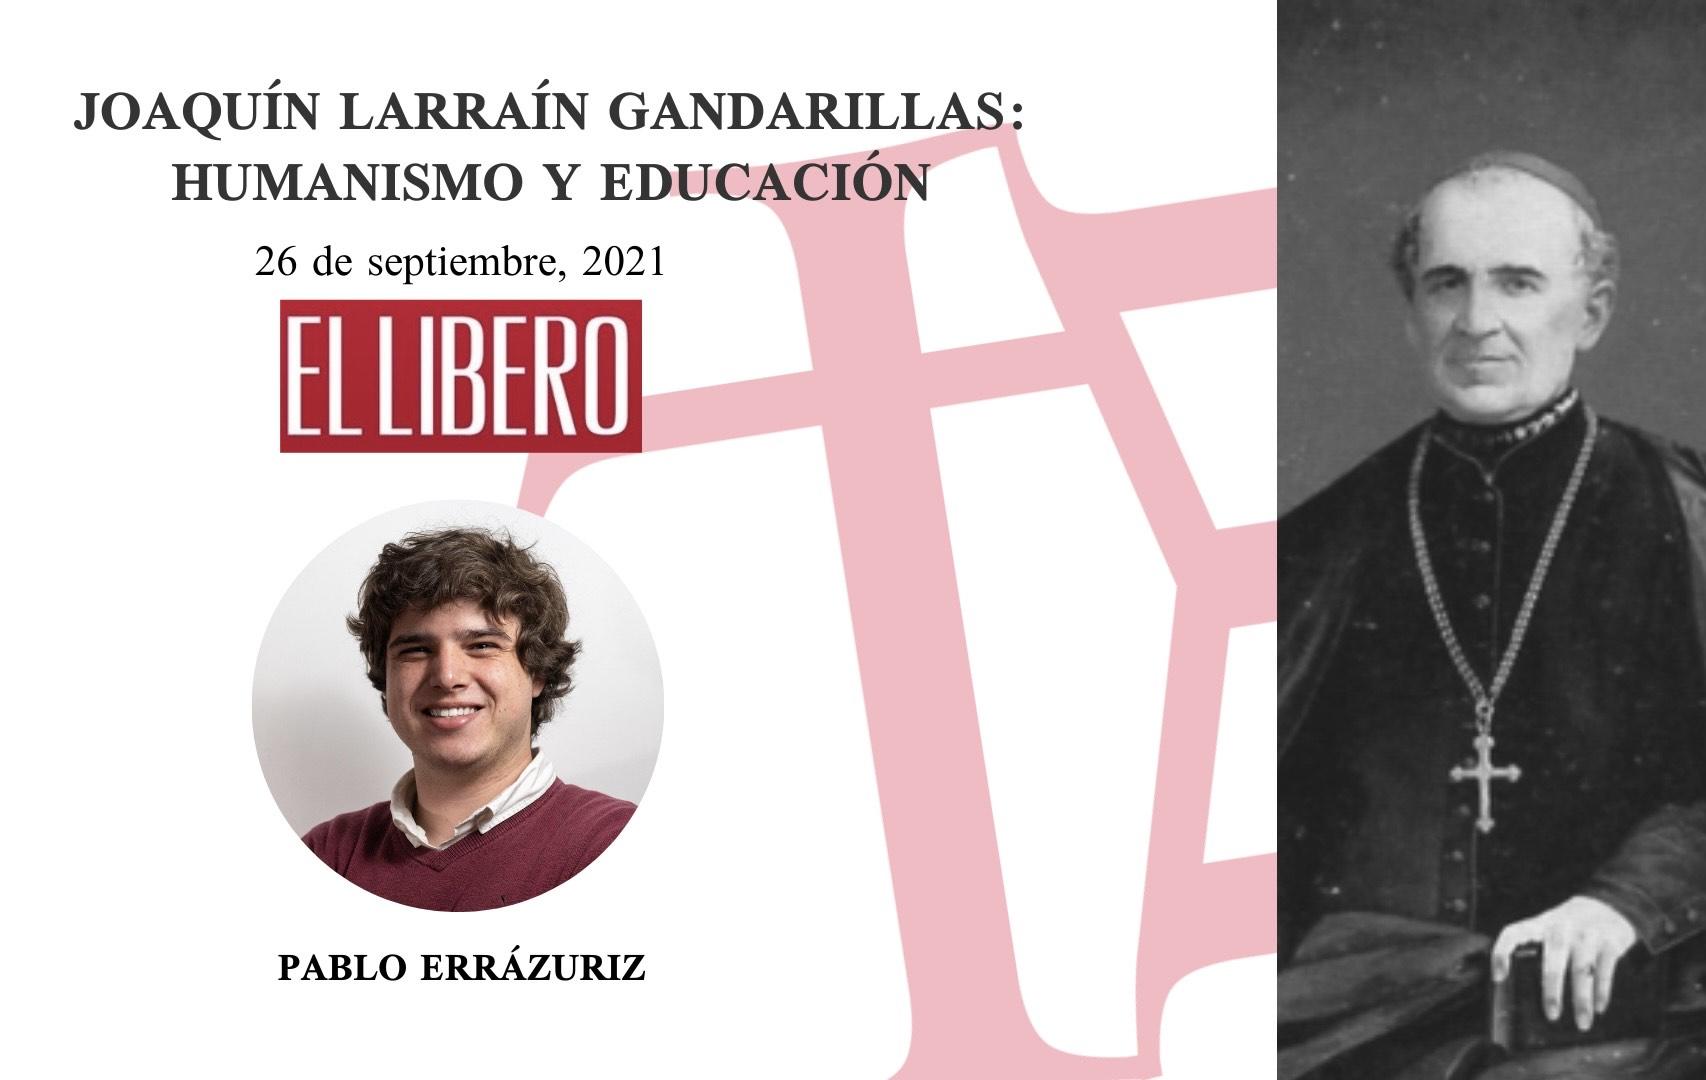 Joaquín Larraín Gandarillas: humanismo y educación